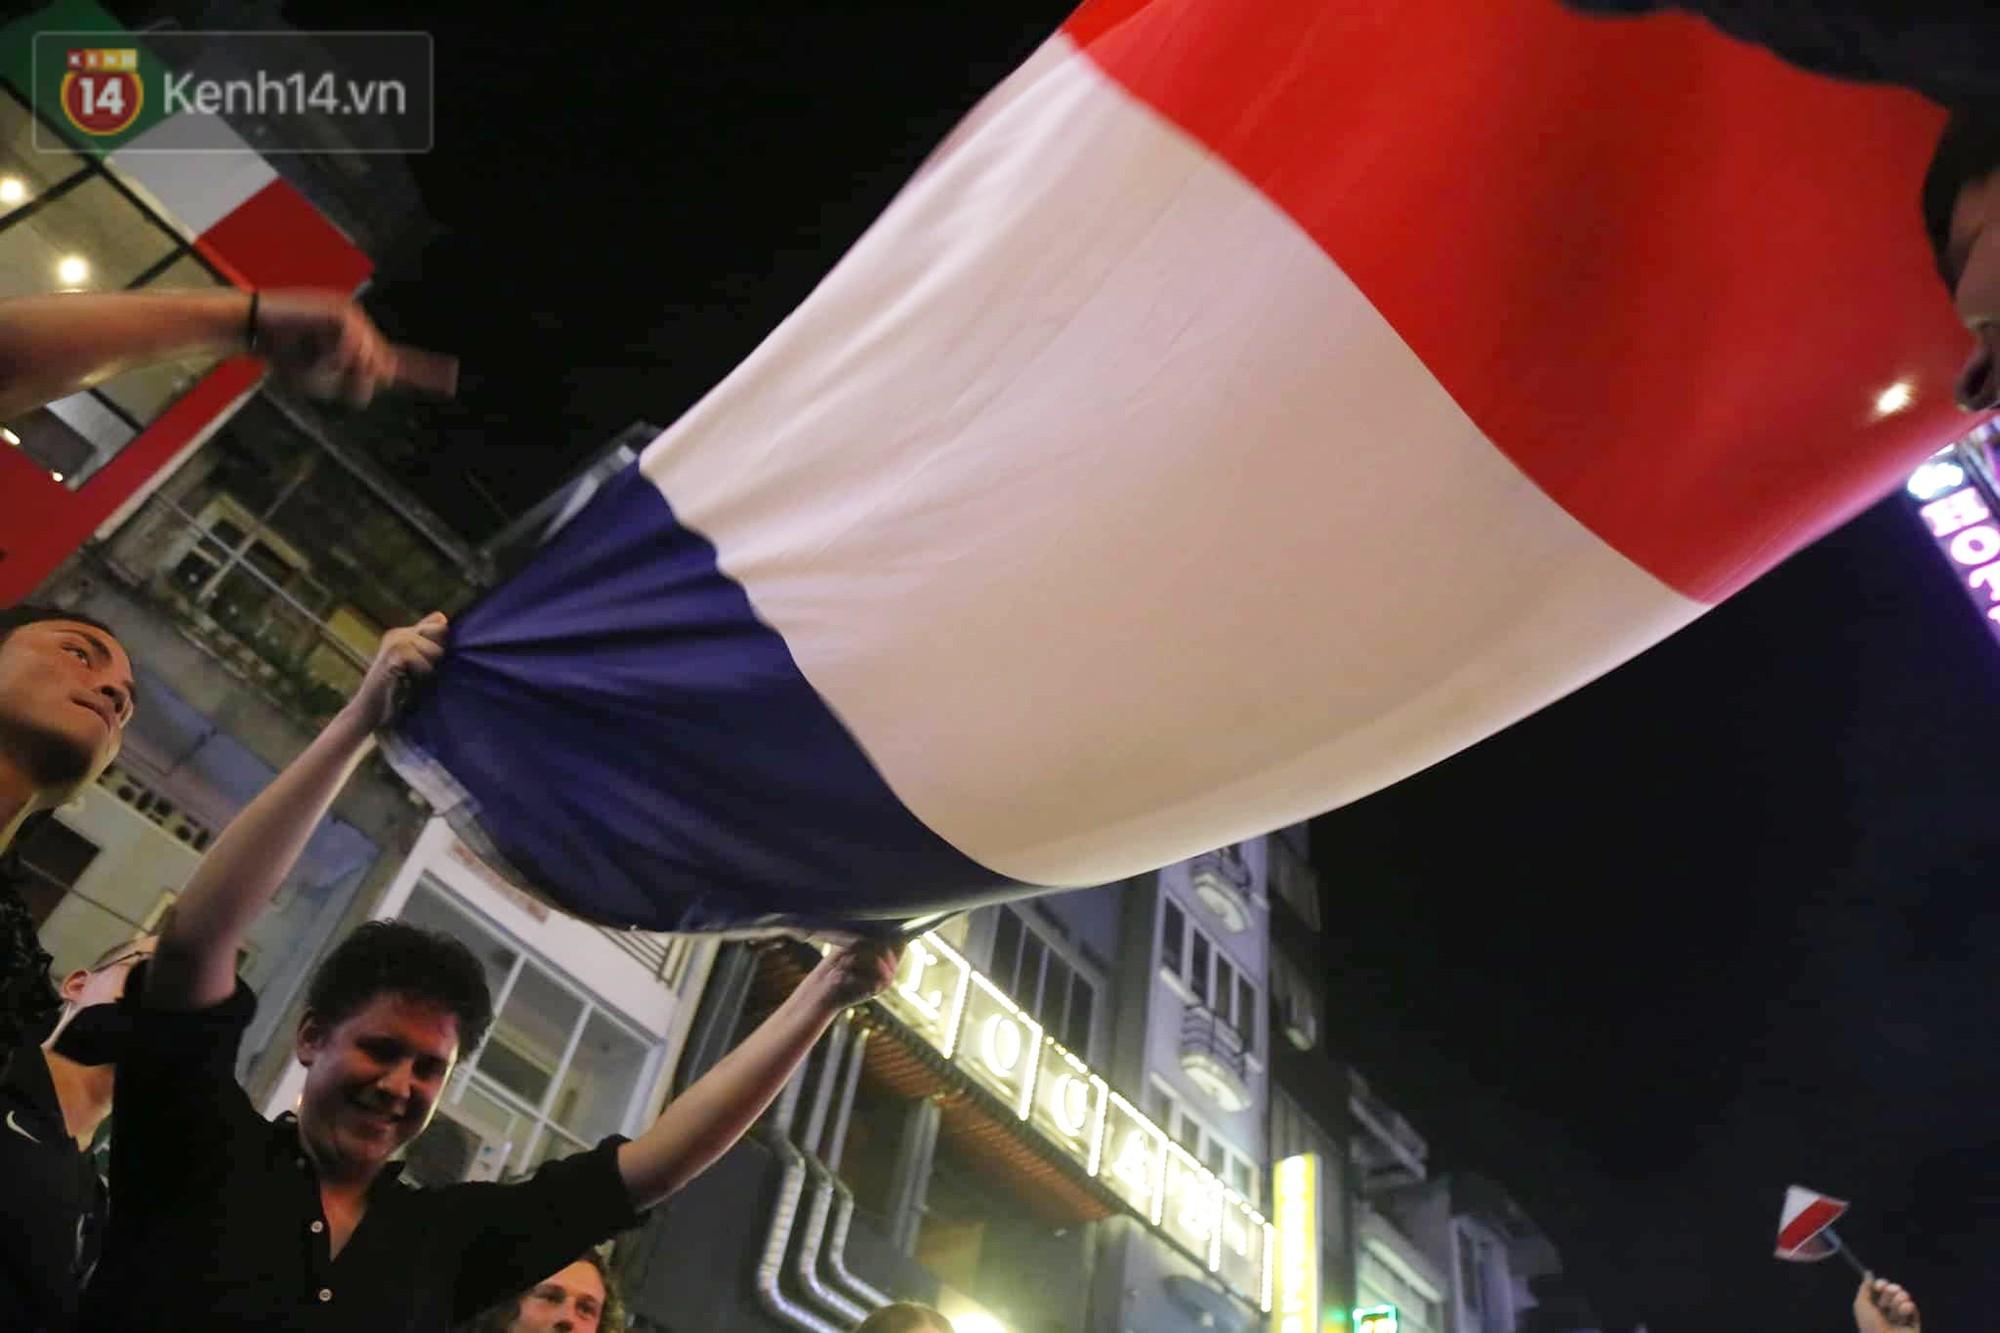 Nữ CĐV ở Sài Gòn cởi đồ, hò hét ăn mừng xuyên đêm tại phố Tây Bùi Viện khi Pháp vô địch World Cup sau 20 năm 11